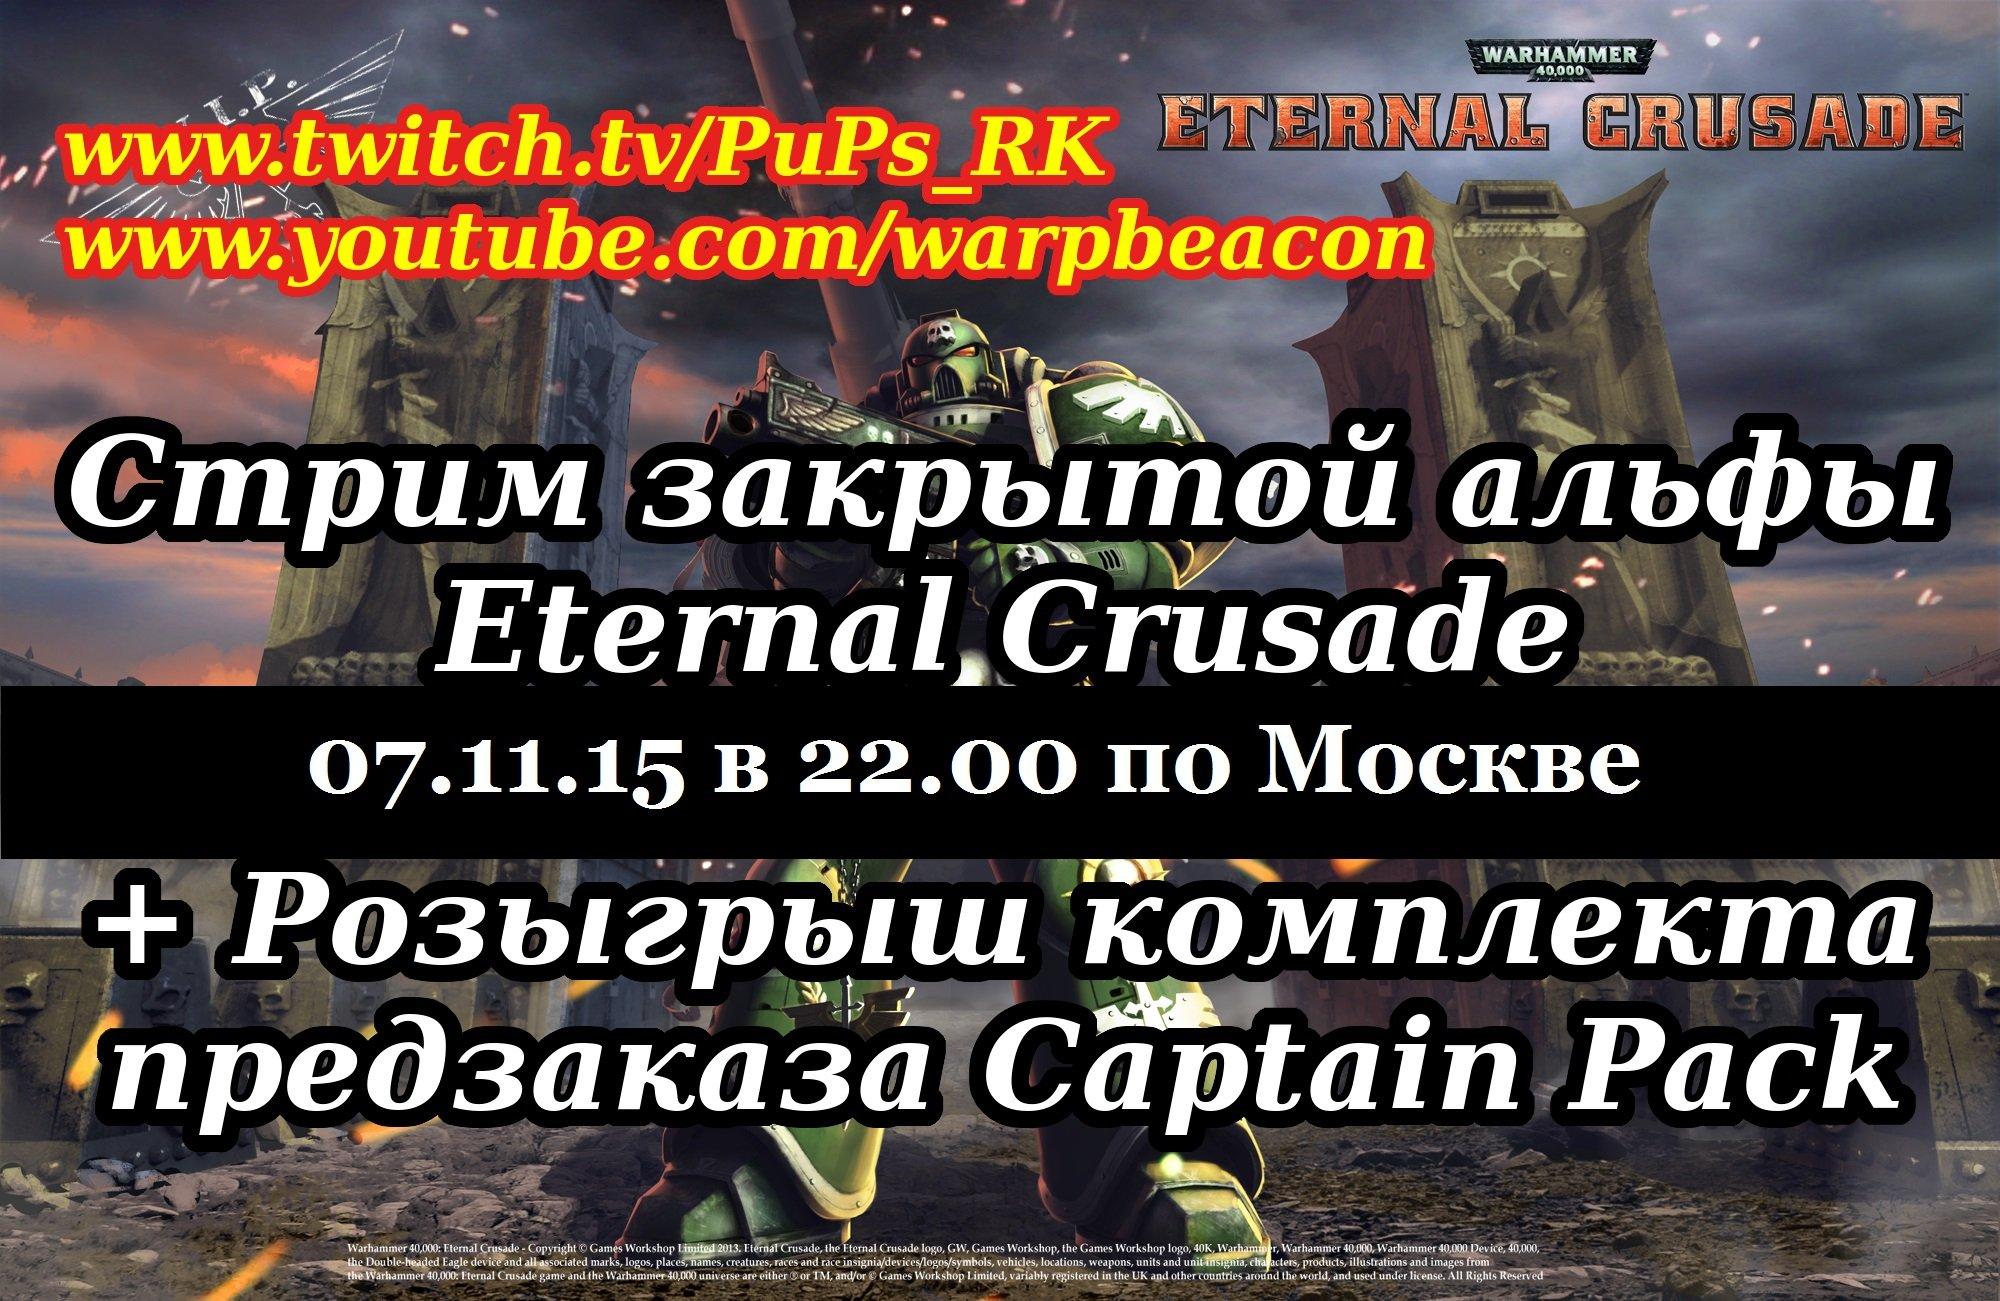 Анонс стрима и розыгрыша Eternal Crusade 07.11.15 в 22.00 по Мск! . - Изображение 1